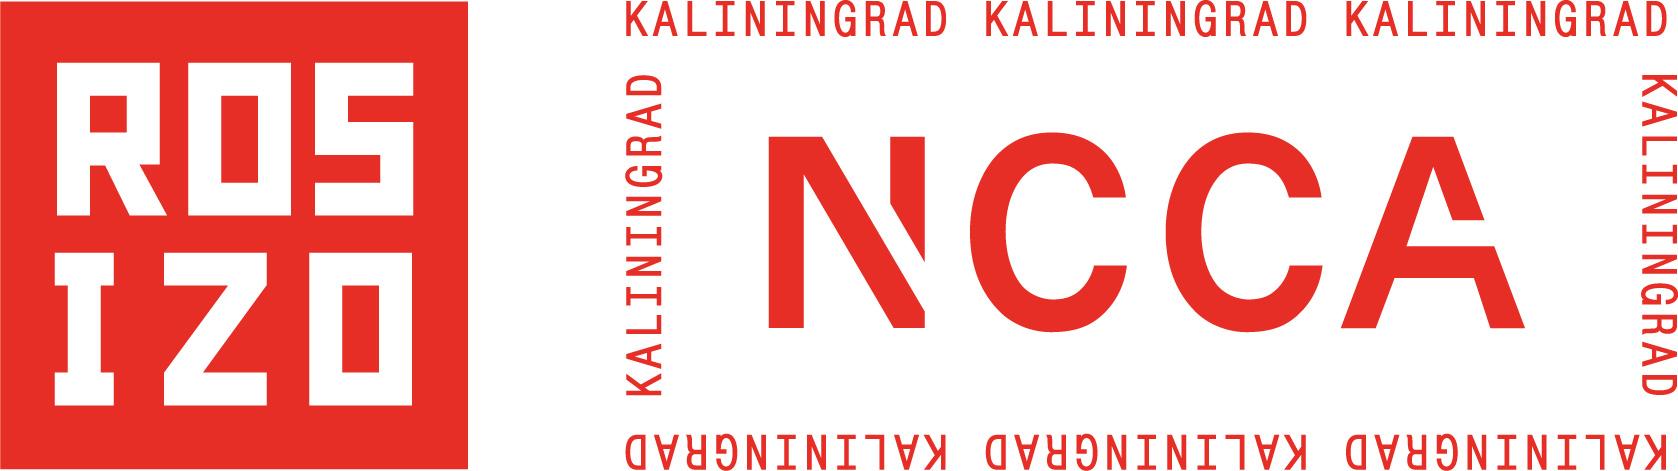 Contemporary Art from Kaliningrad in Daugavpils